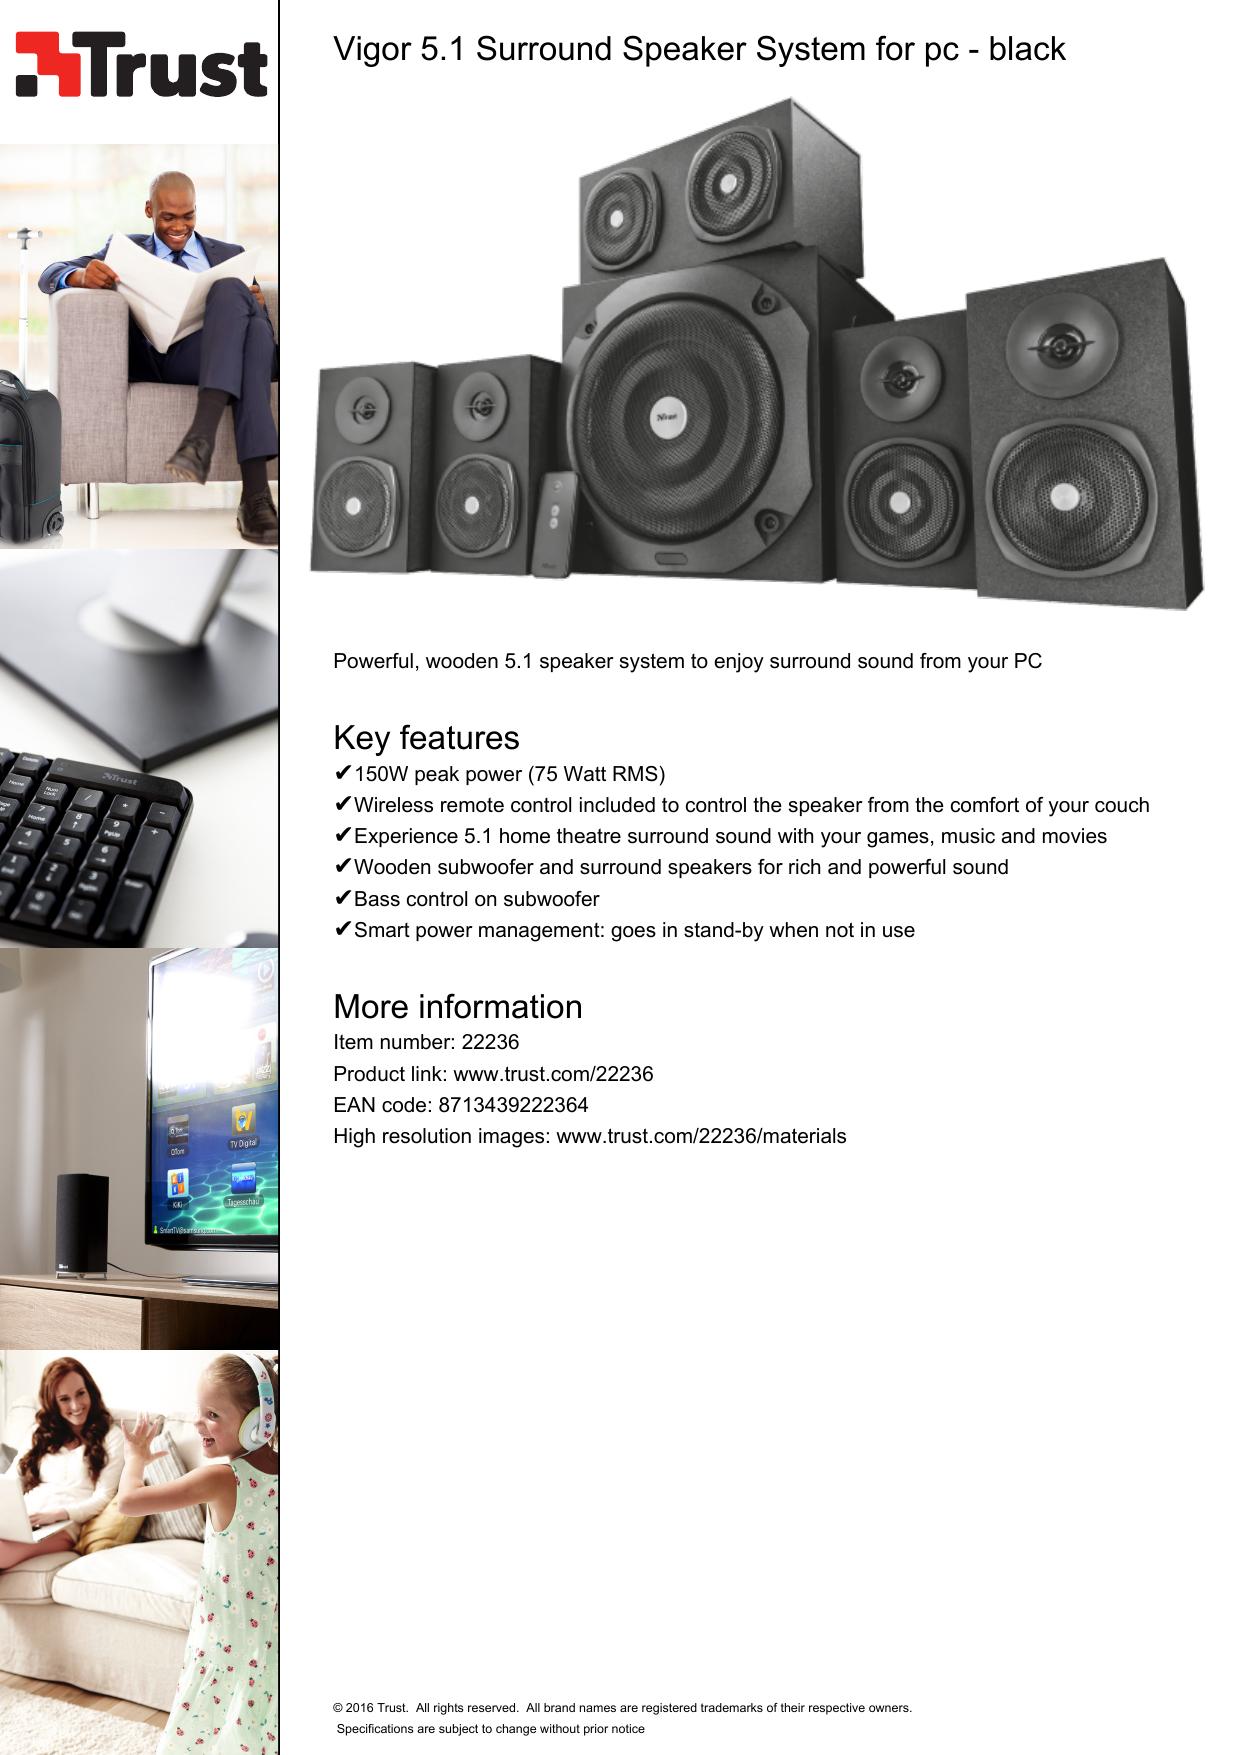 Vigor 5 1 Surround Speaker System for pc - black Key